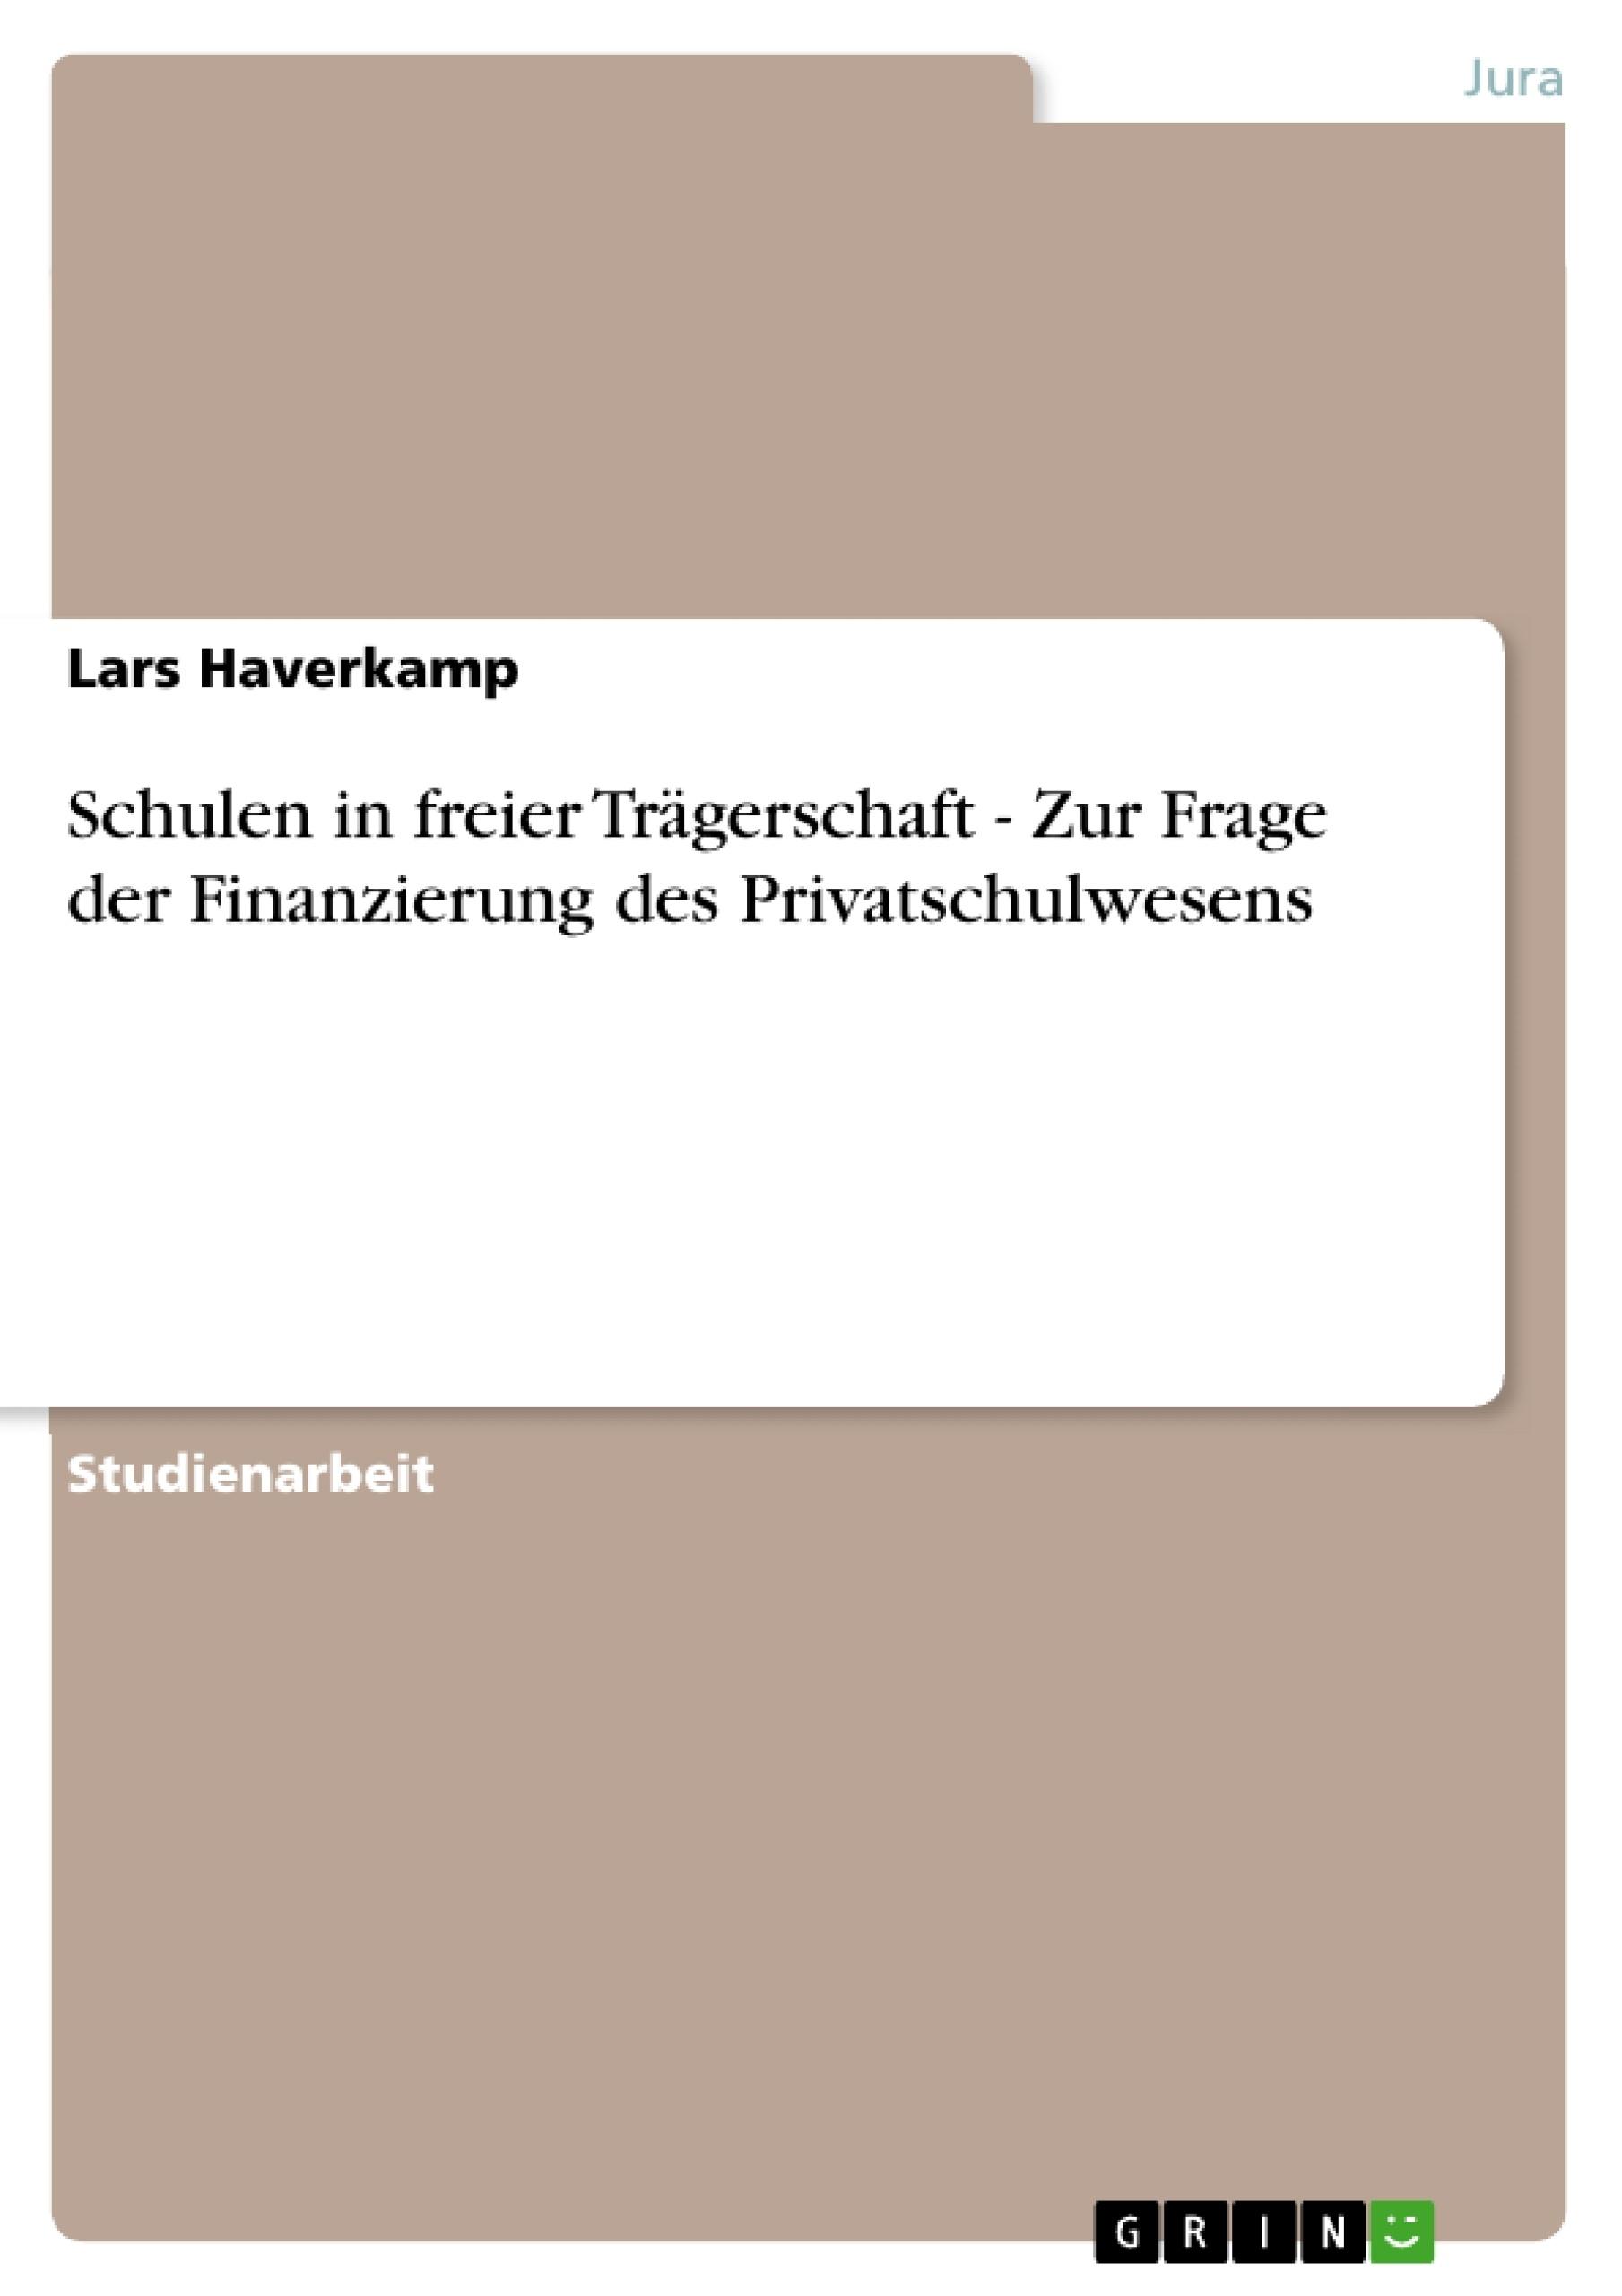 Titel: Schulen in freier Trägerschaft   -  Zur Frage der Finanzierung des Privatschulwesens